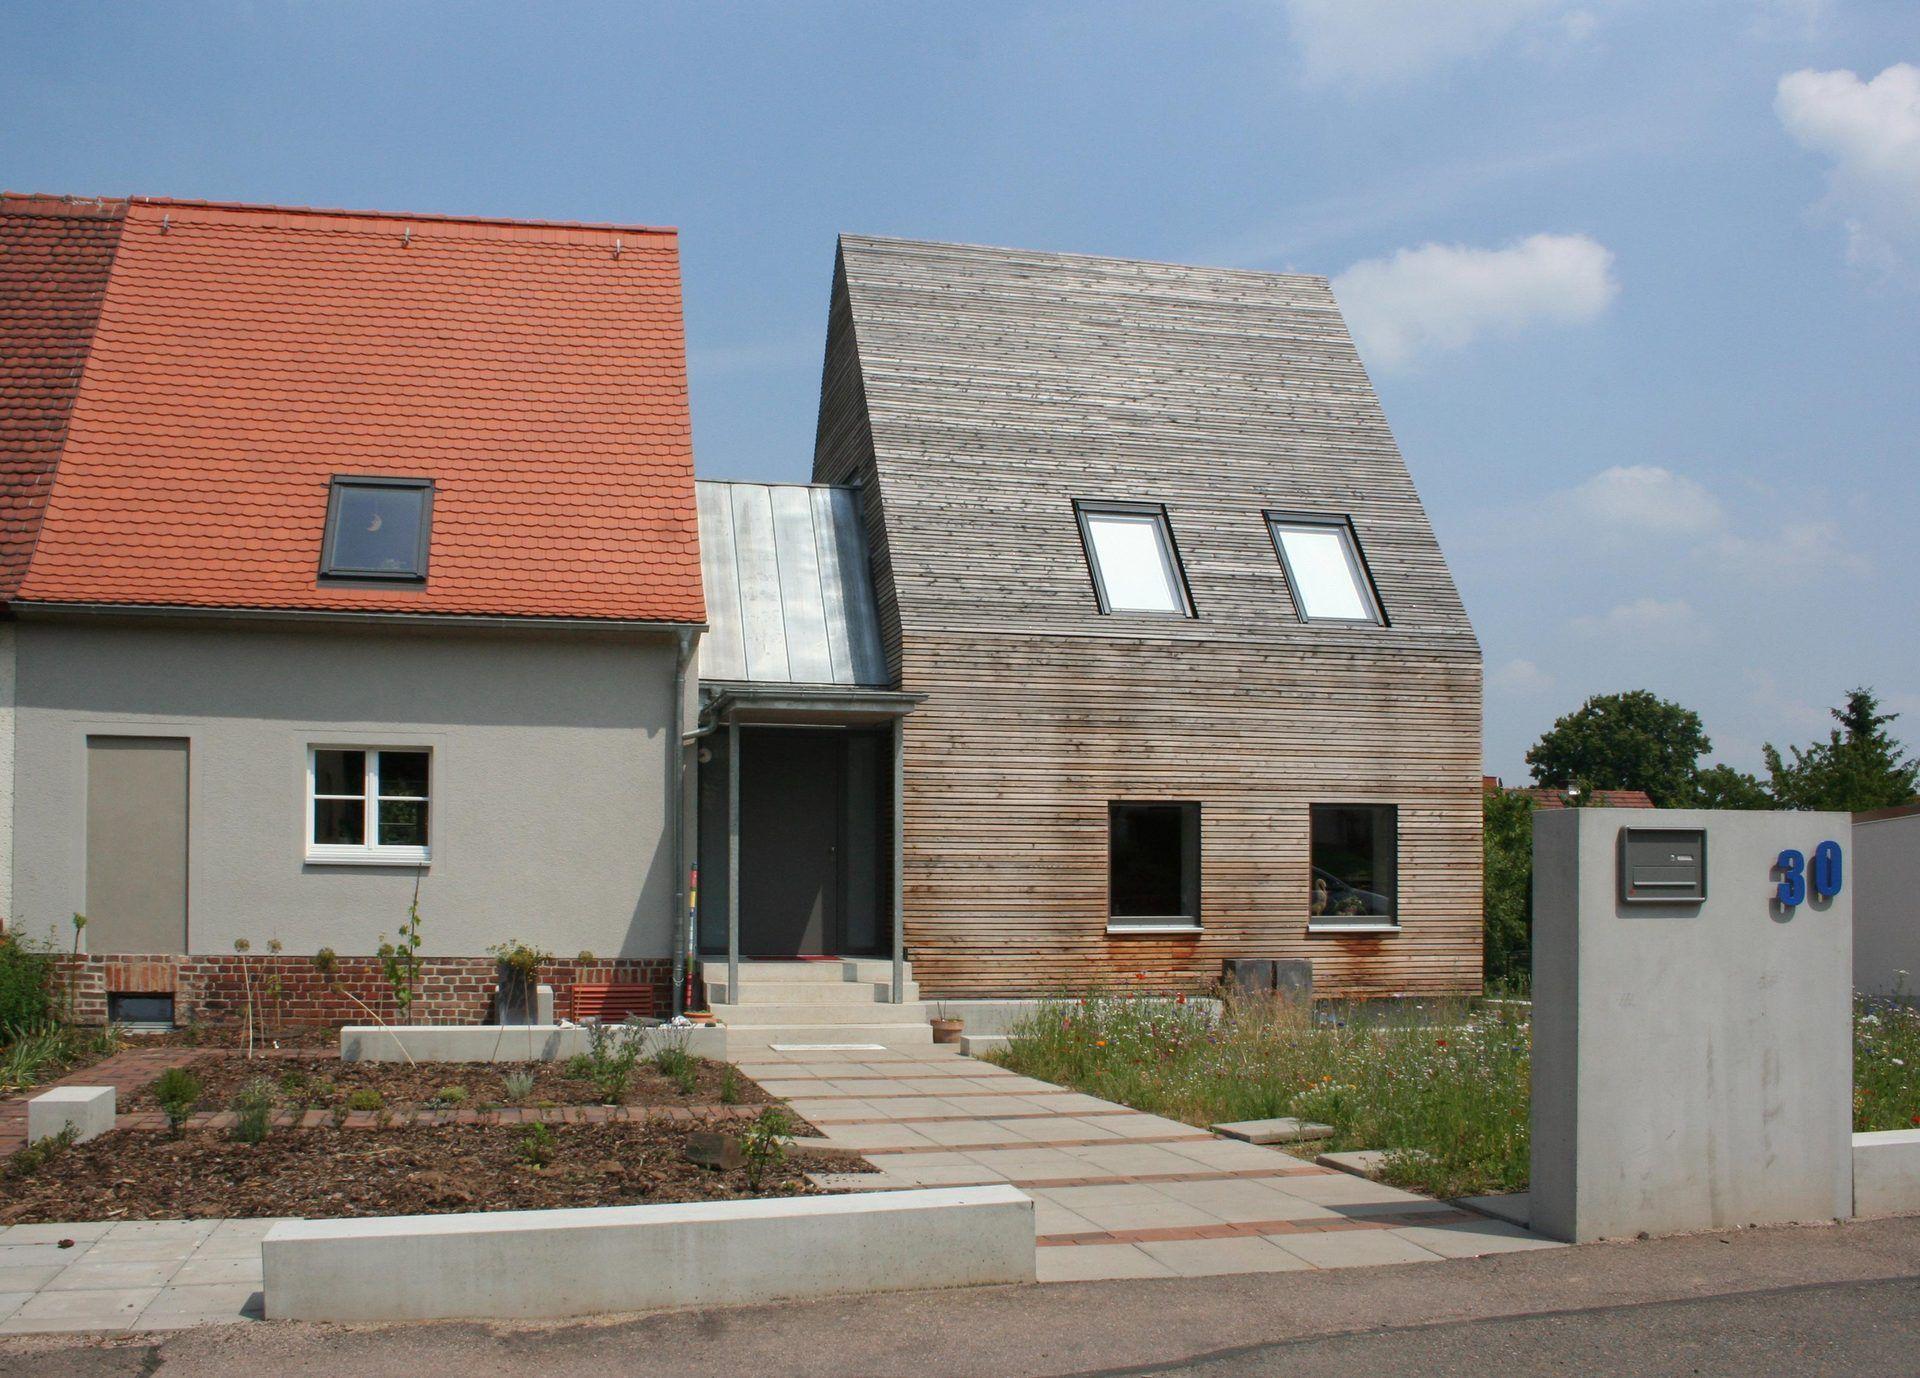 holzverkleidung für dach und fassade - bauemotion.de